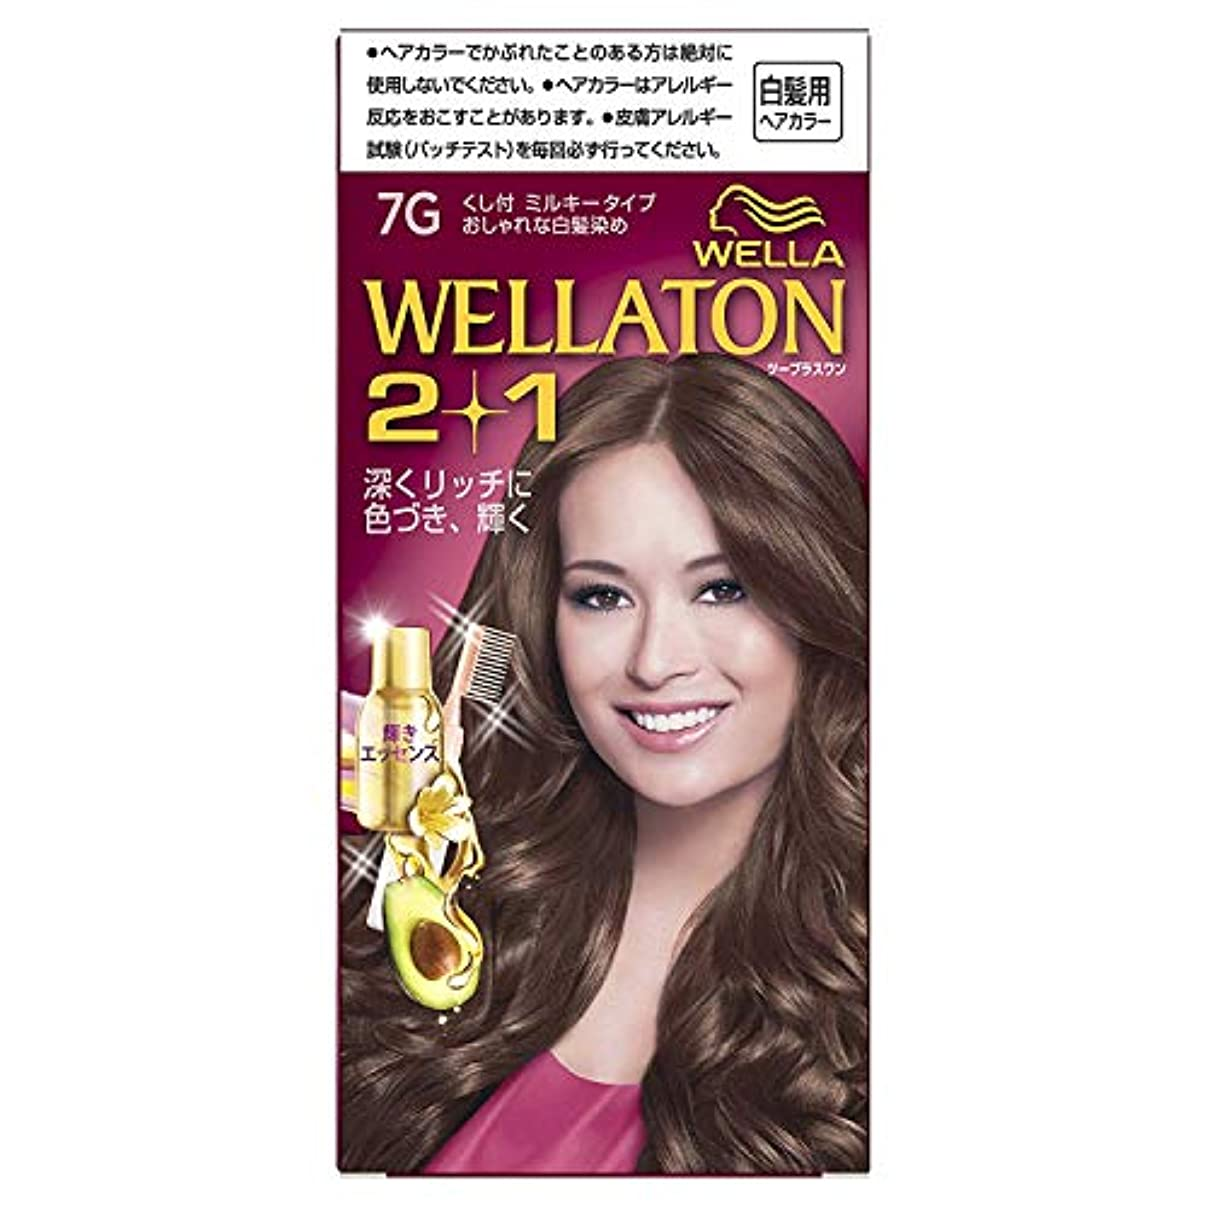 正しくハシーレンジウエラトーン2+1 白髪染め くし付ミルキータイプ 7G [医薬部外品] ×6個